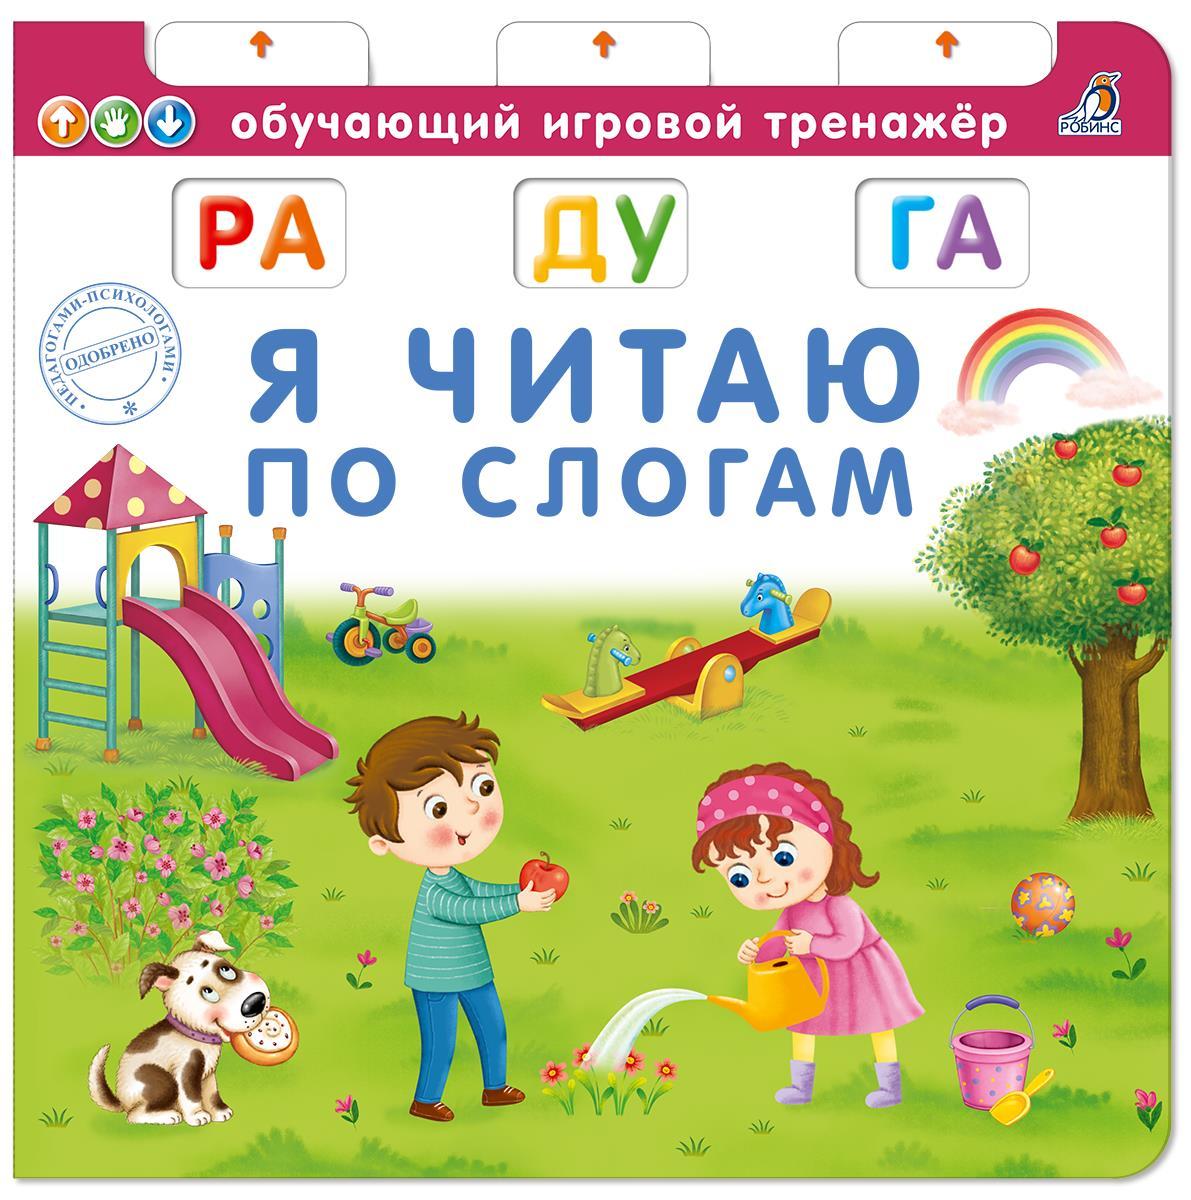 купить Елена Писарева Я читаю по слогам. Обучающий игровой тренажер по цене 519 рублей